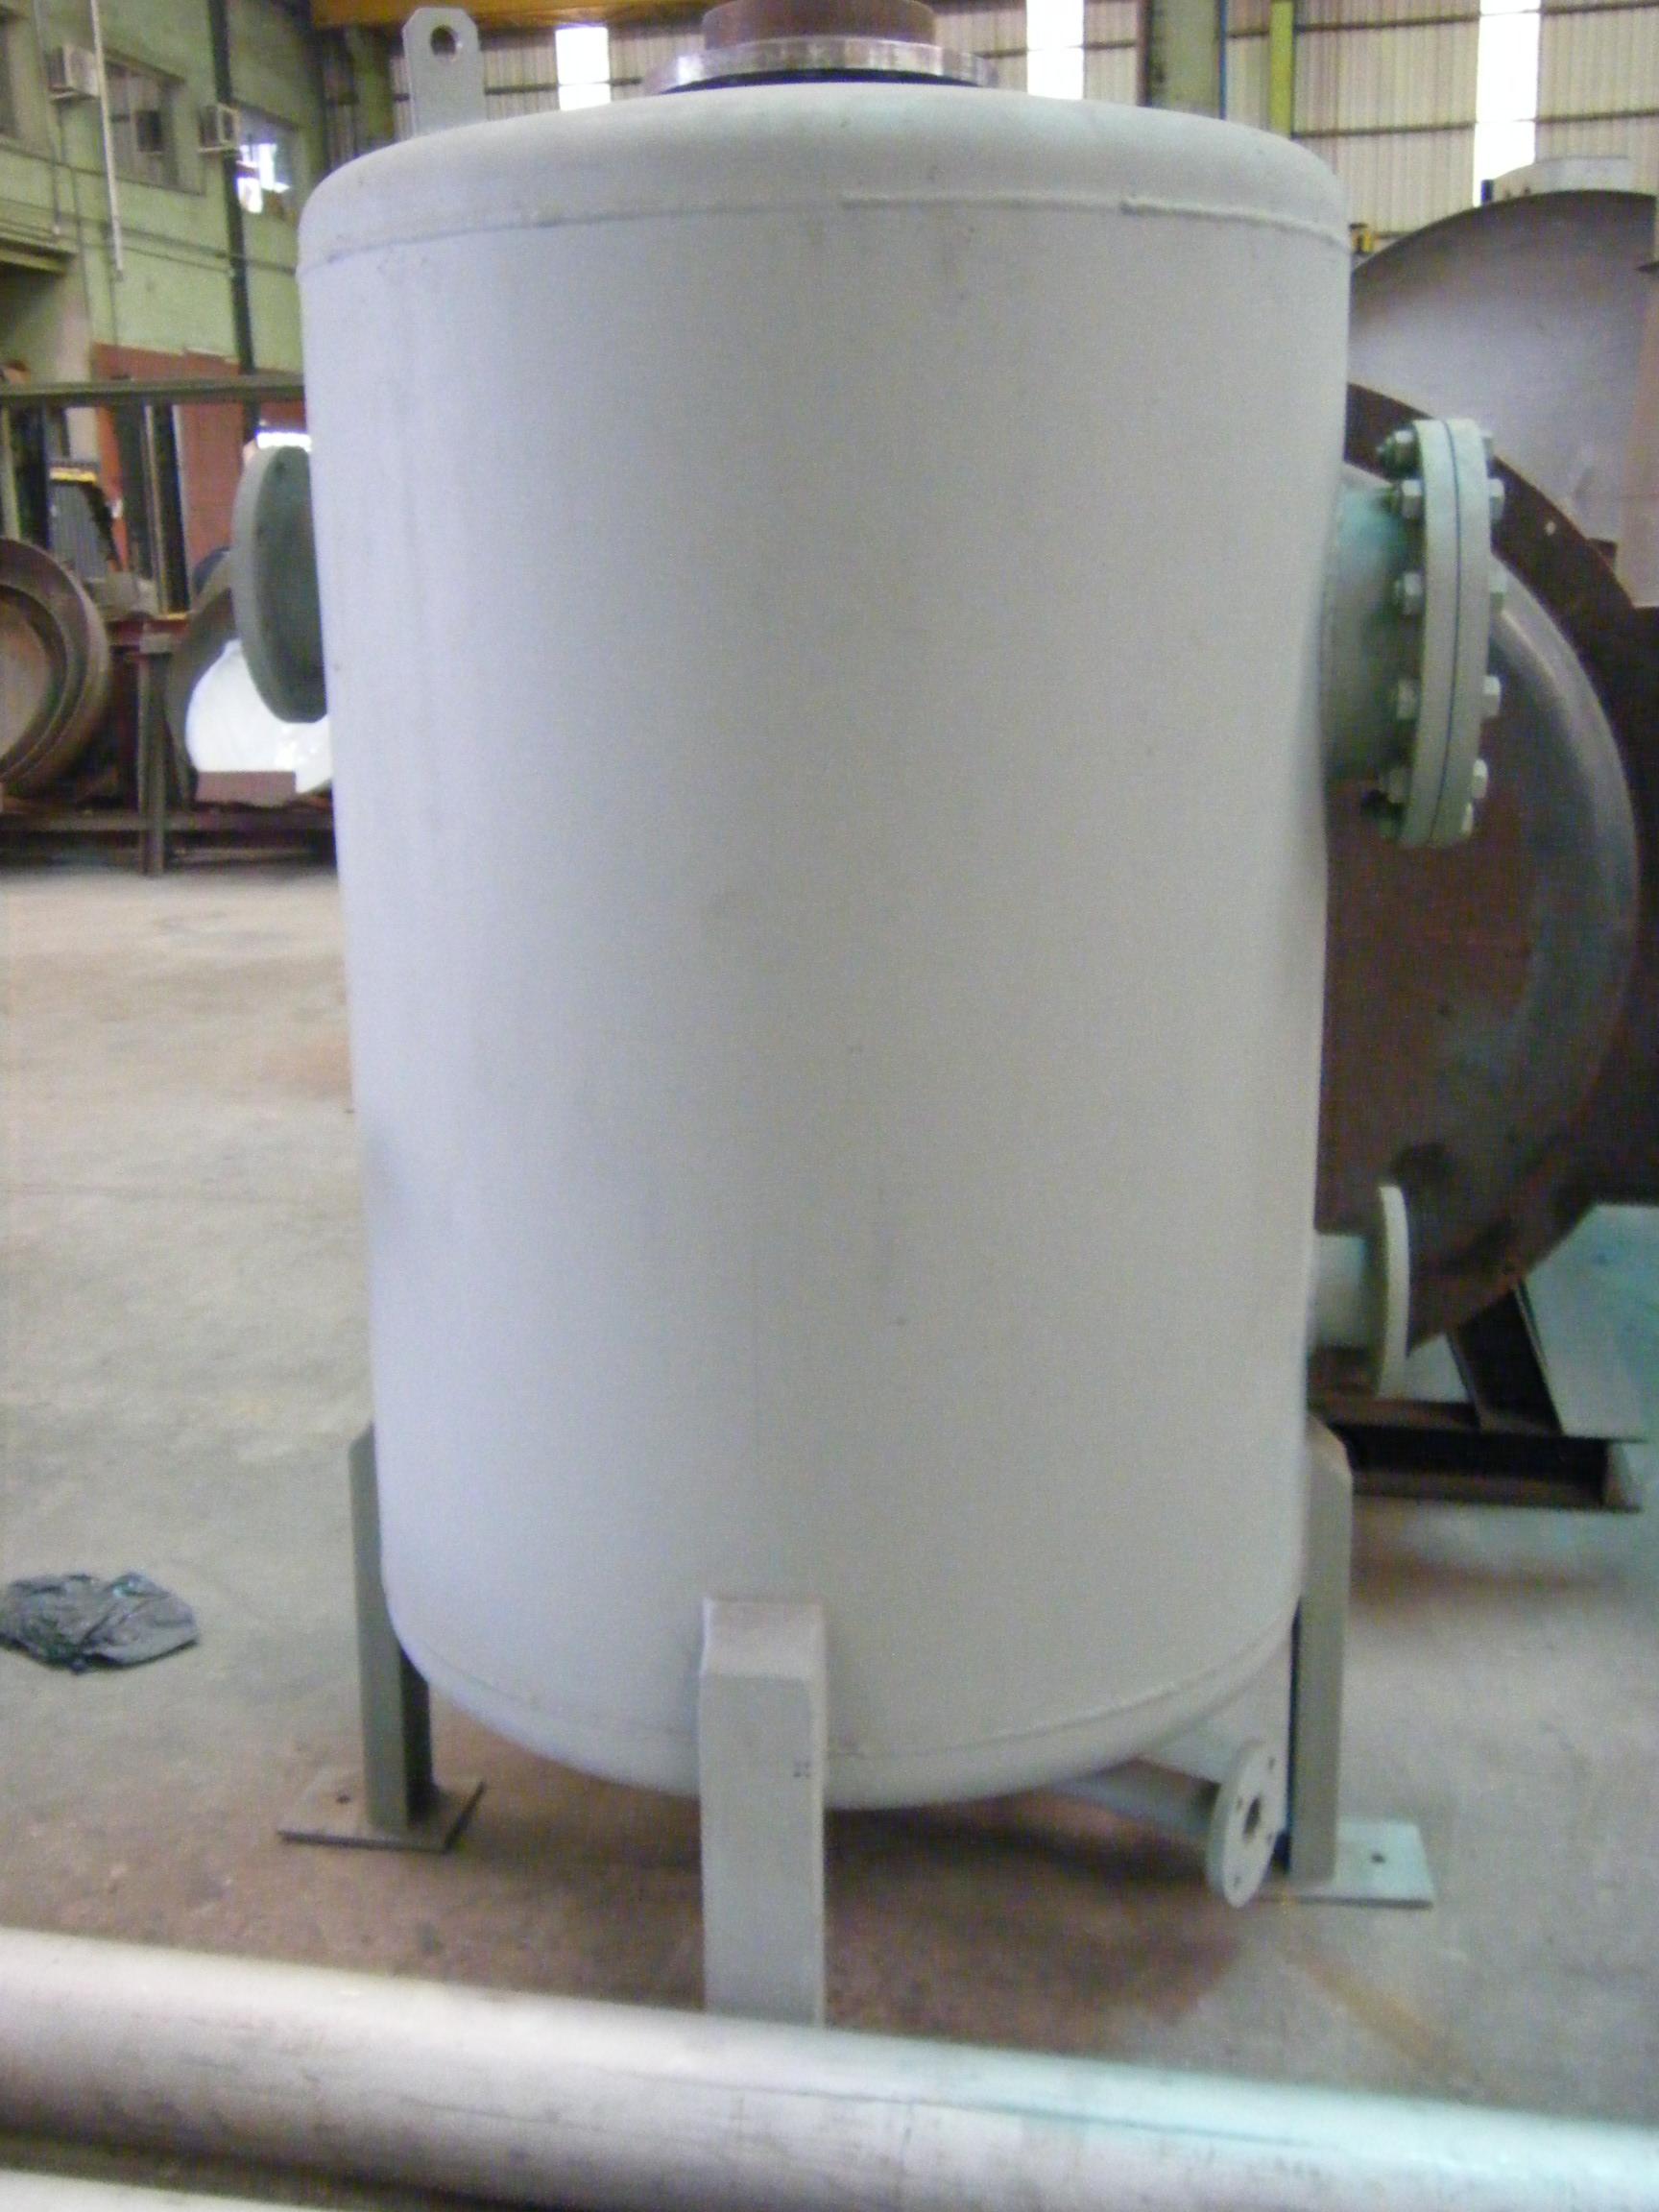 Deposito de purgas calderas de vapor 4 Calderería López Hermanos, S.A. Valencia